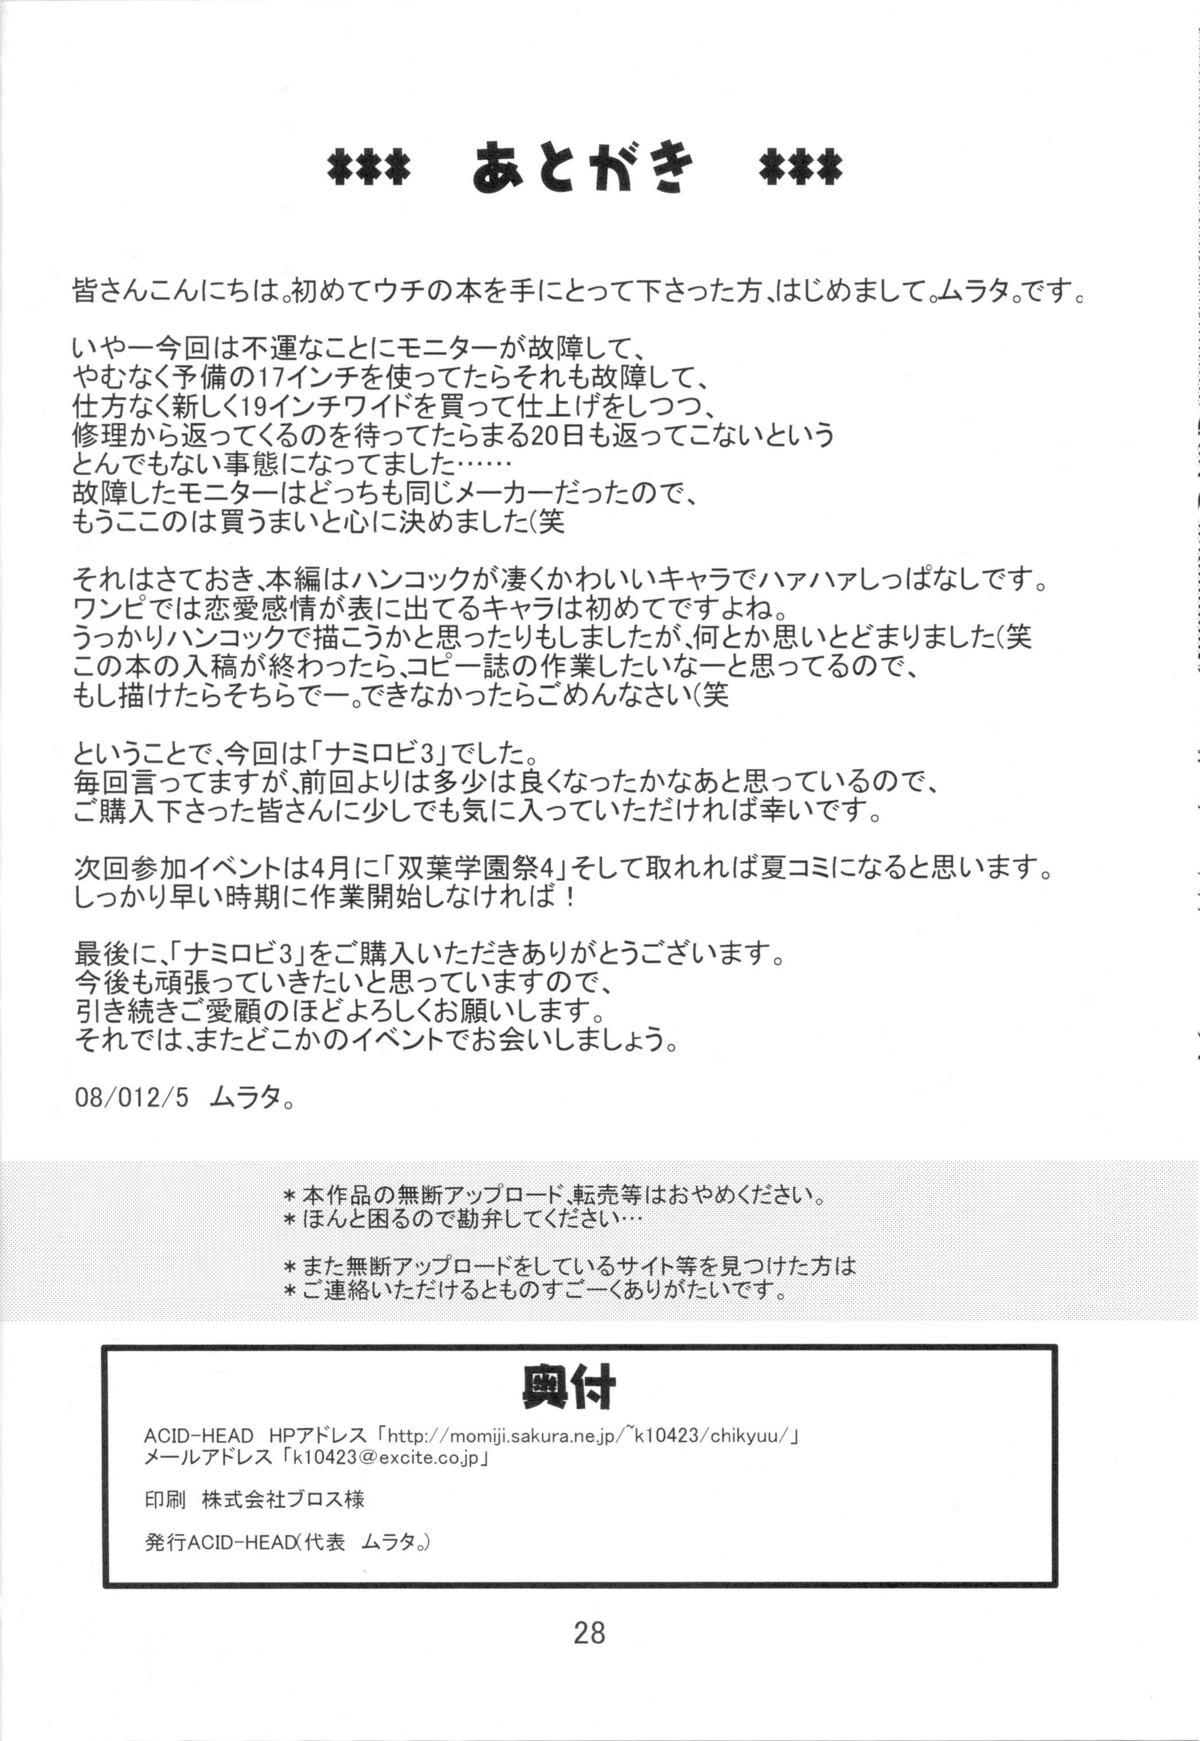 Nami no Koukai Nisshi EX NamiRobi 3 28